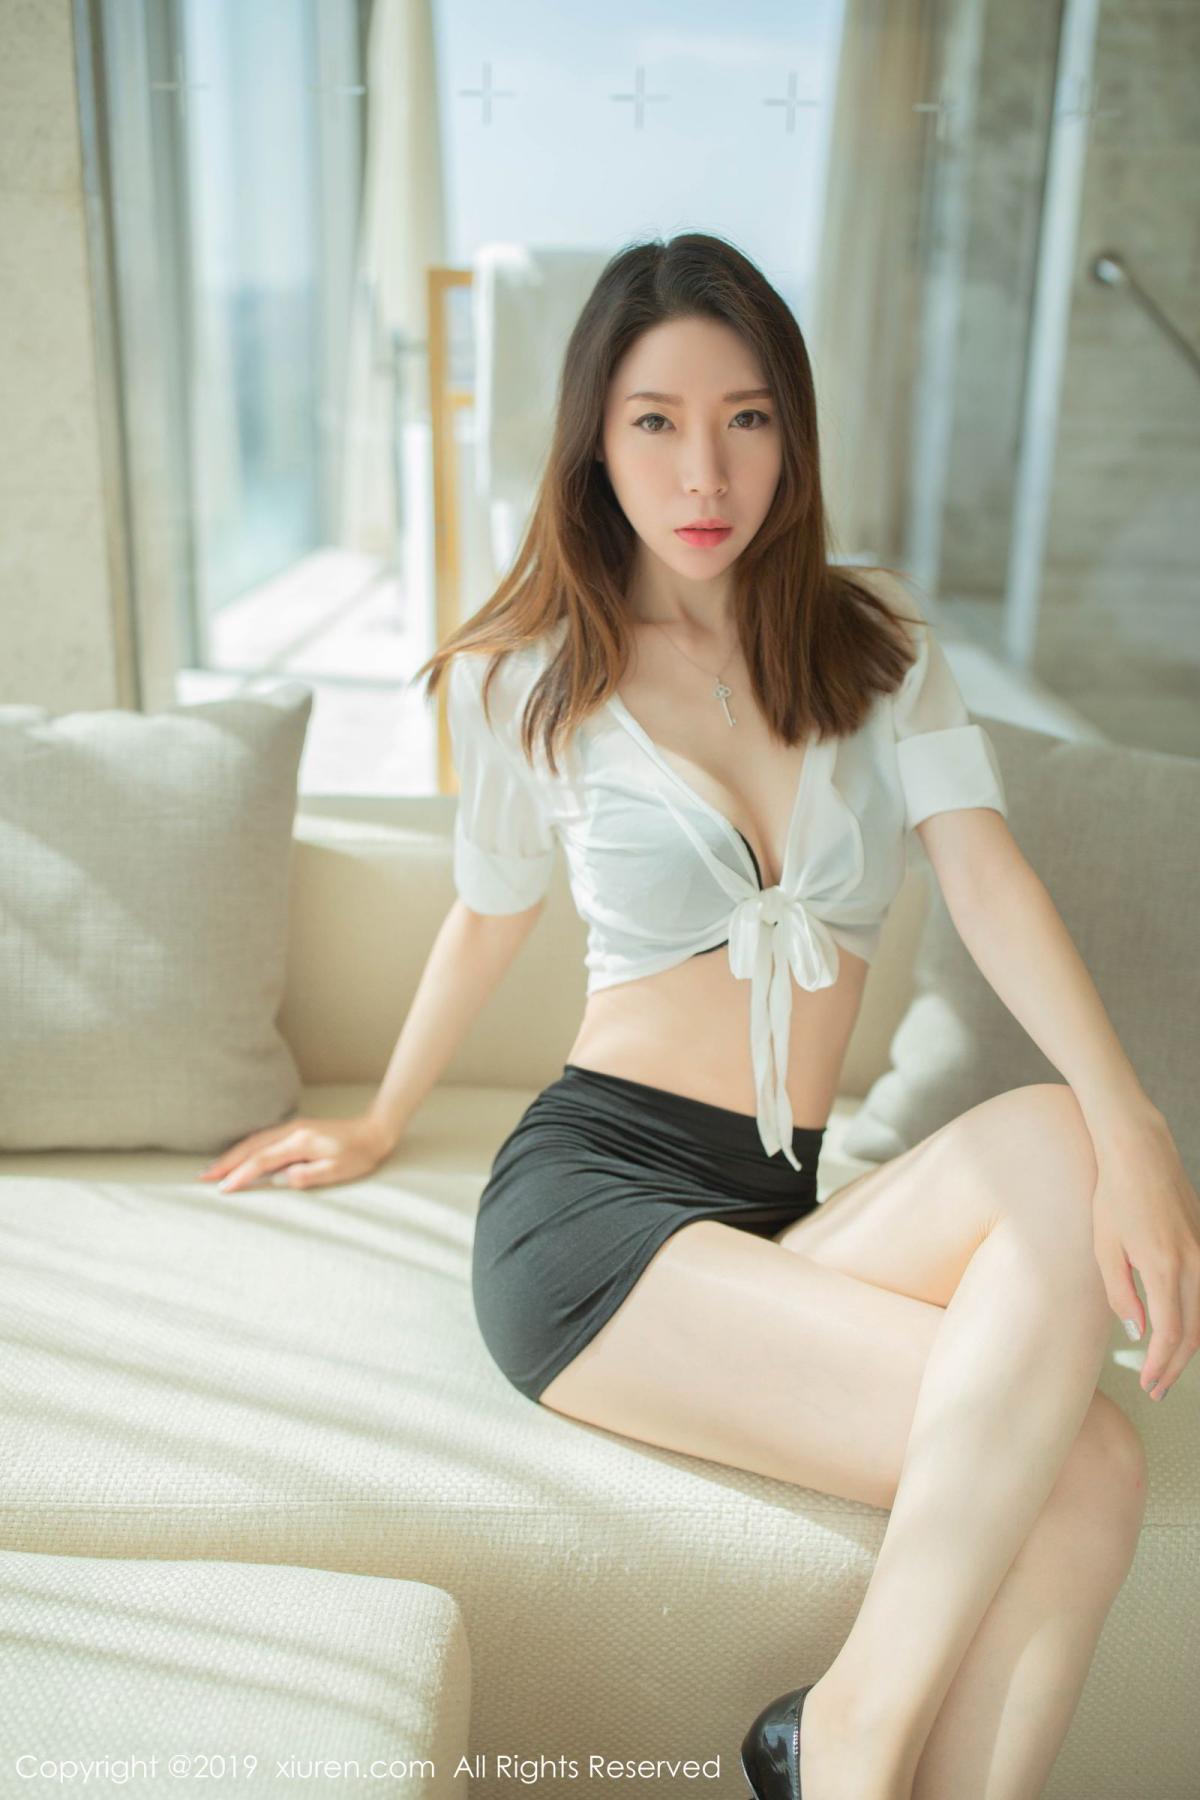 [XiuRen] Vol.1645 Meng Xin Yue 15P, Meng Xin Yue, Underwear, Uniform, Xiuren